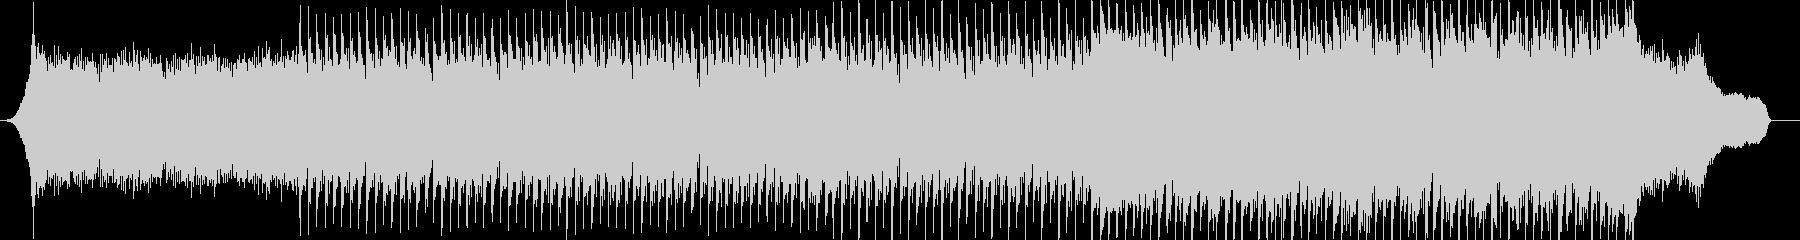 企業VP系58、爽やかピアノ、4つ打ちbの未再生の波形